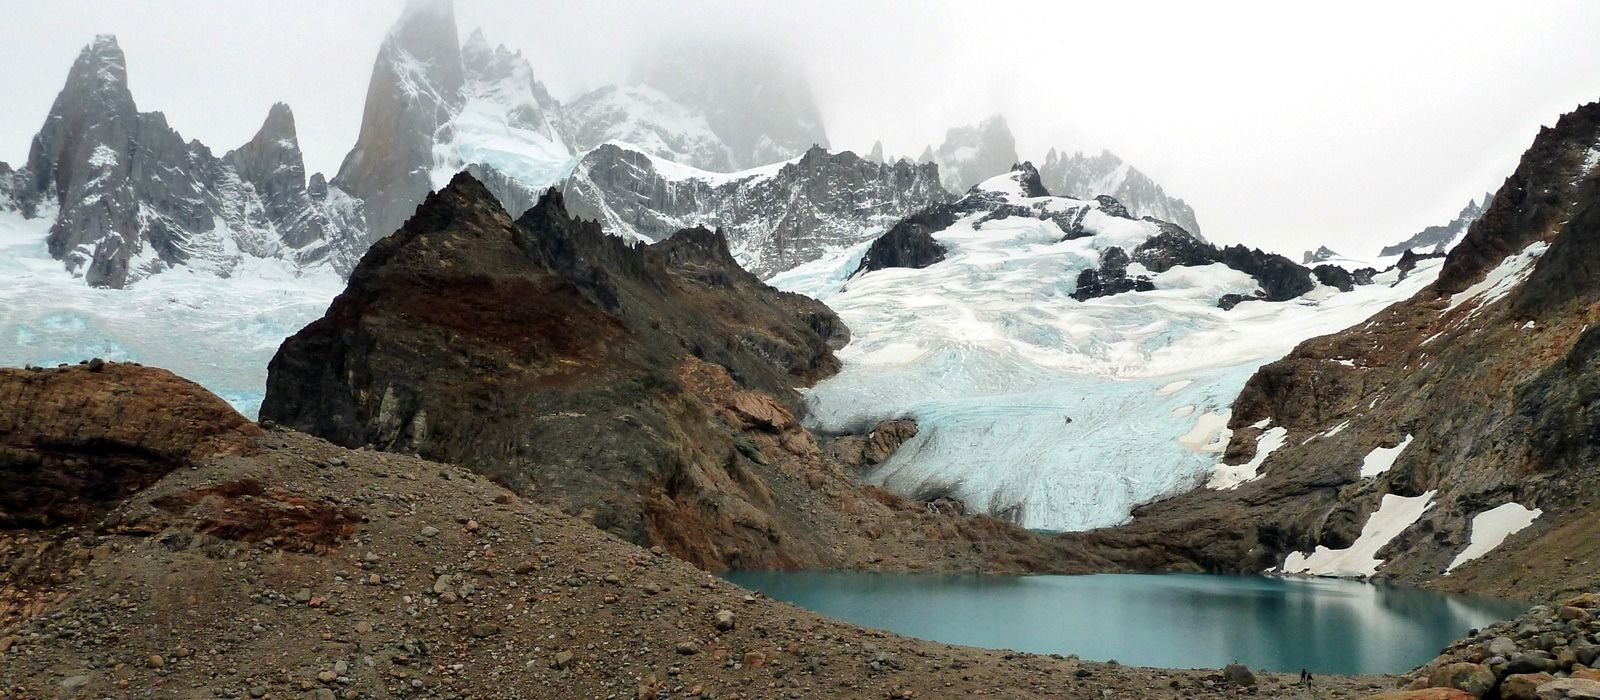 Wanderreise in Patagonien Urlaub 5